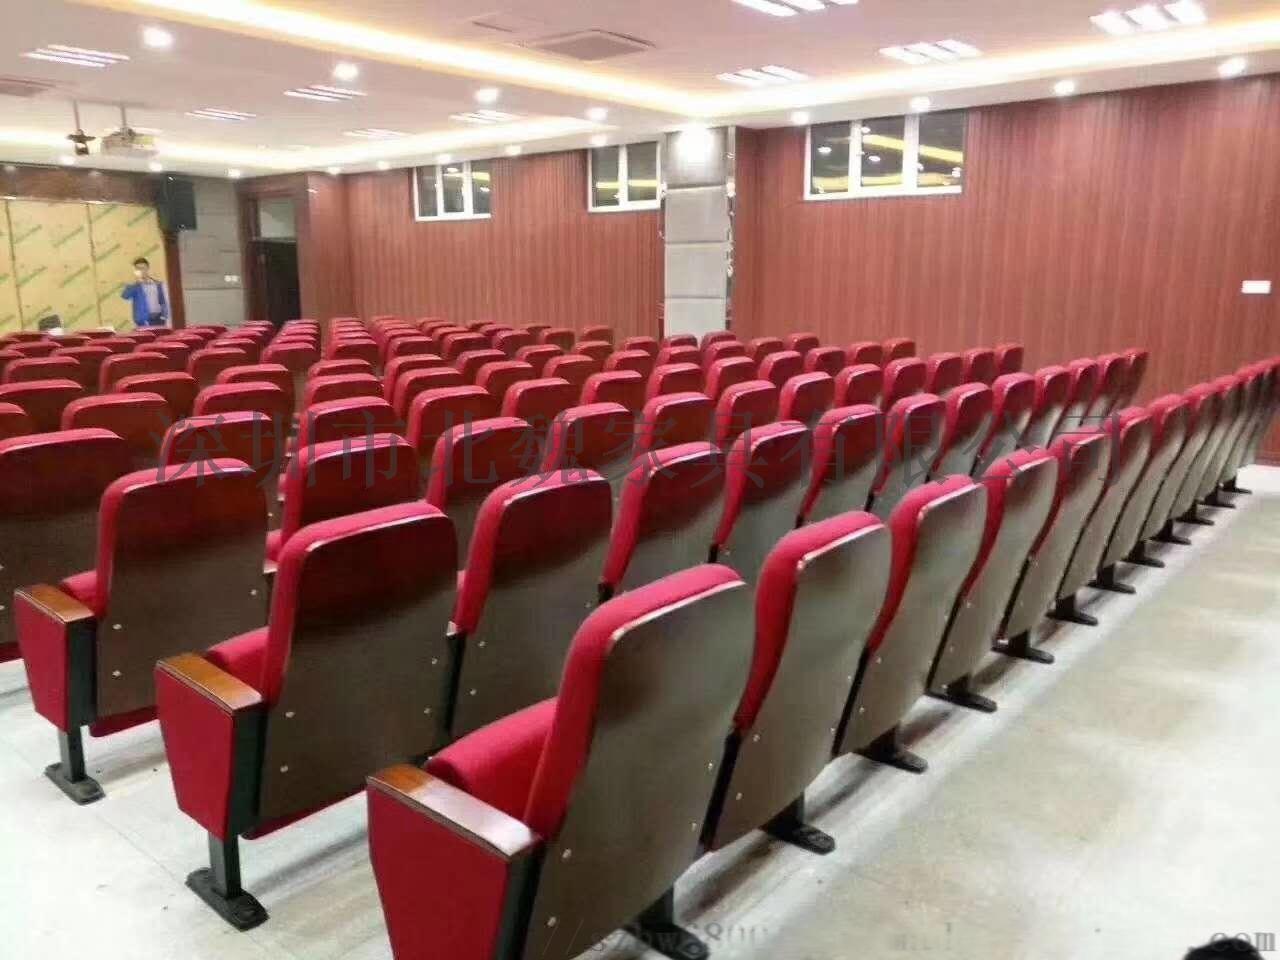 礼堂椅中心距-礼堂椅规格-学校礼堂椅136526615